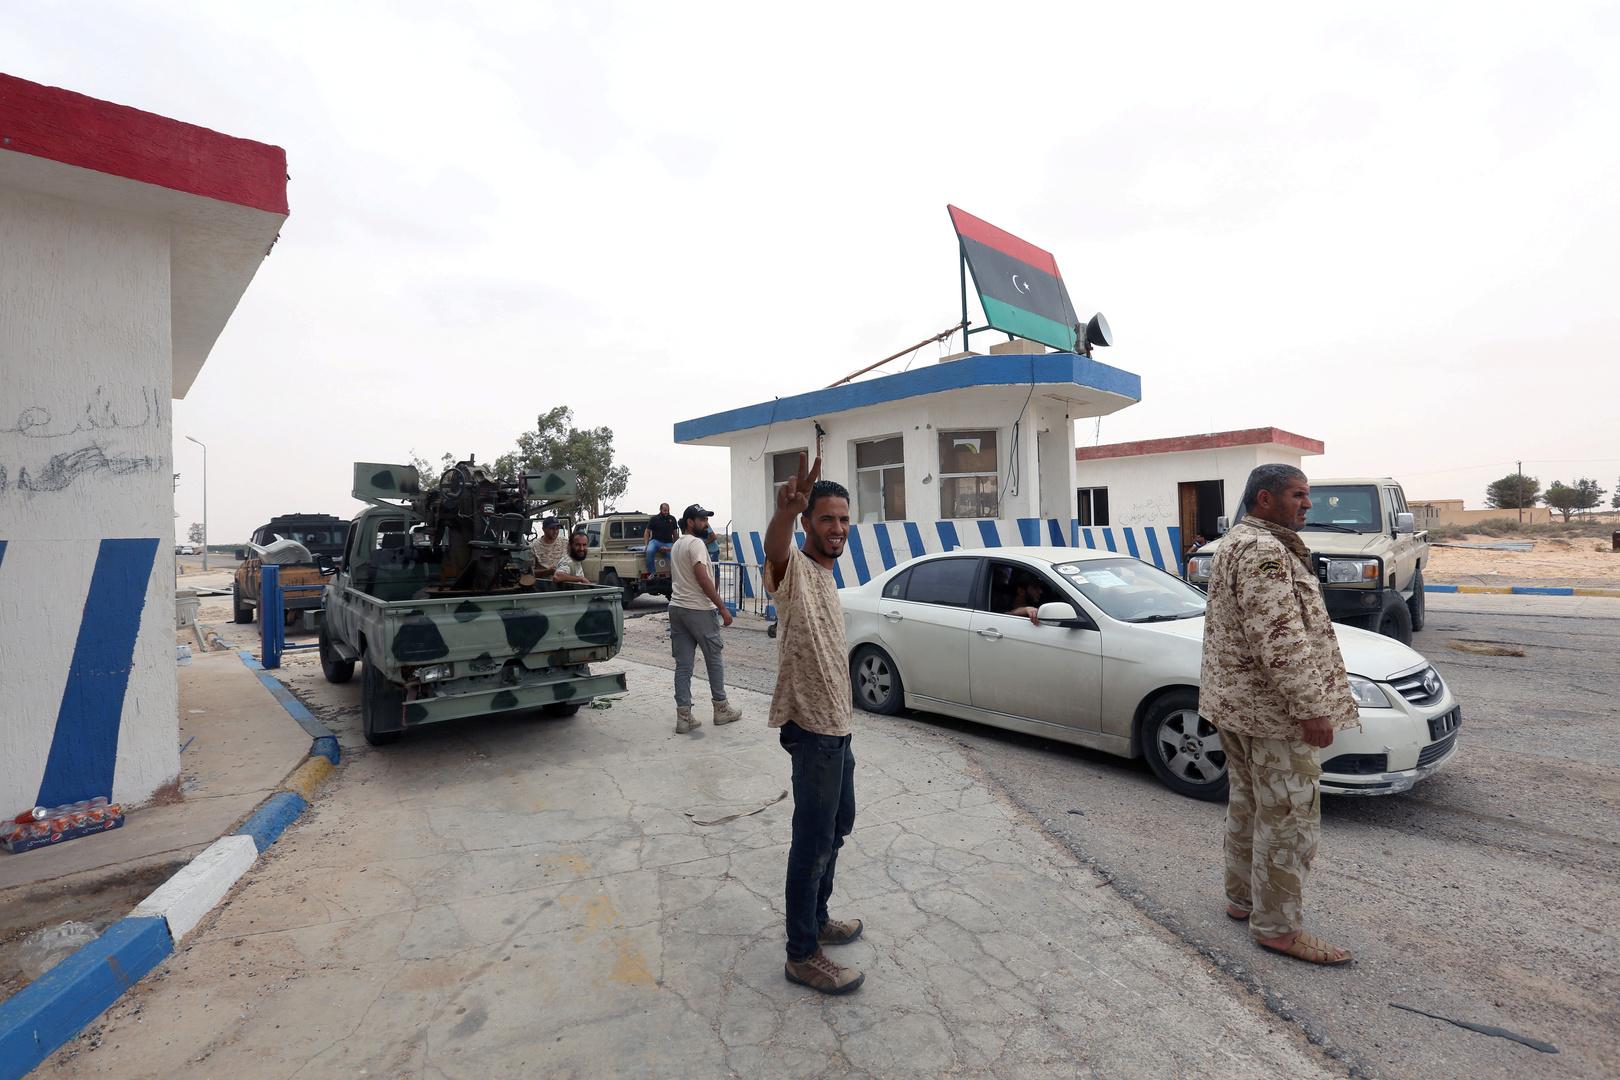 المشير صامت: كيف ستؤدي هزيمة حفتر في قاعدة الوطية الجوية إلى تغيير ميزان القوى في ليبيا